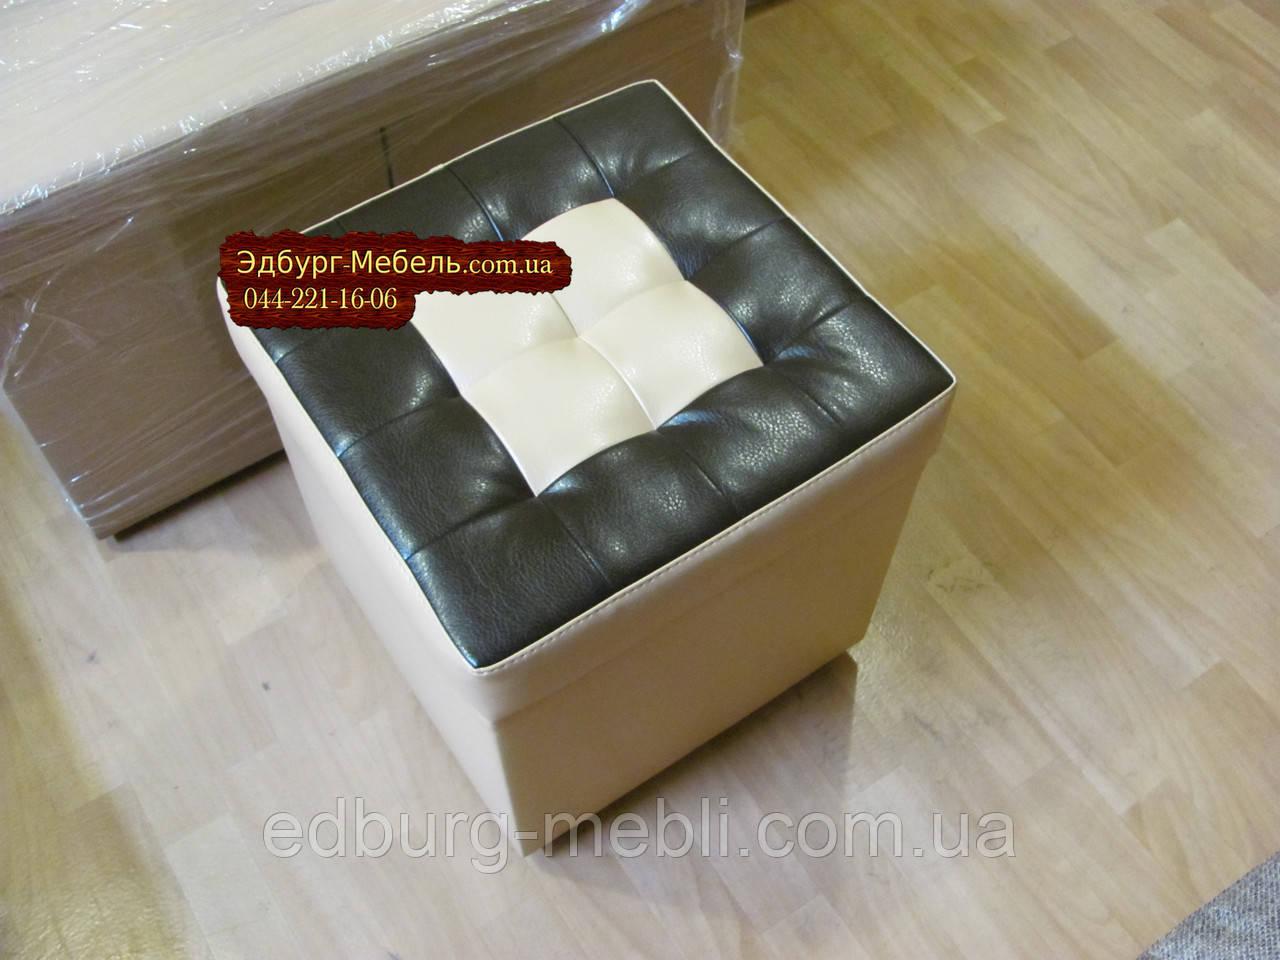 Пуф, пуфики от производителя купить в Украине  - Эдбург-мебель производcтво мягкой мебели  в Киеве